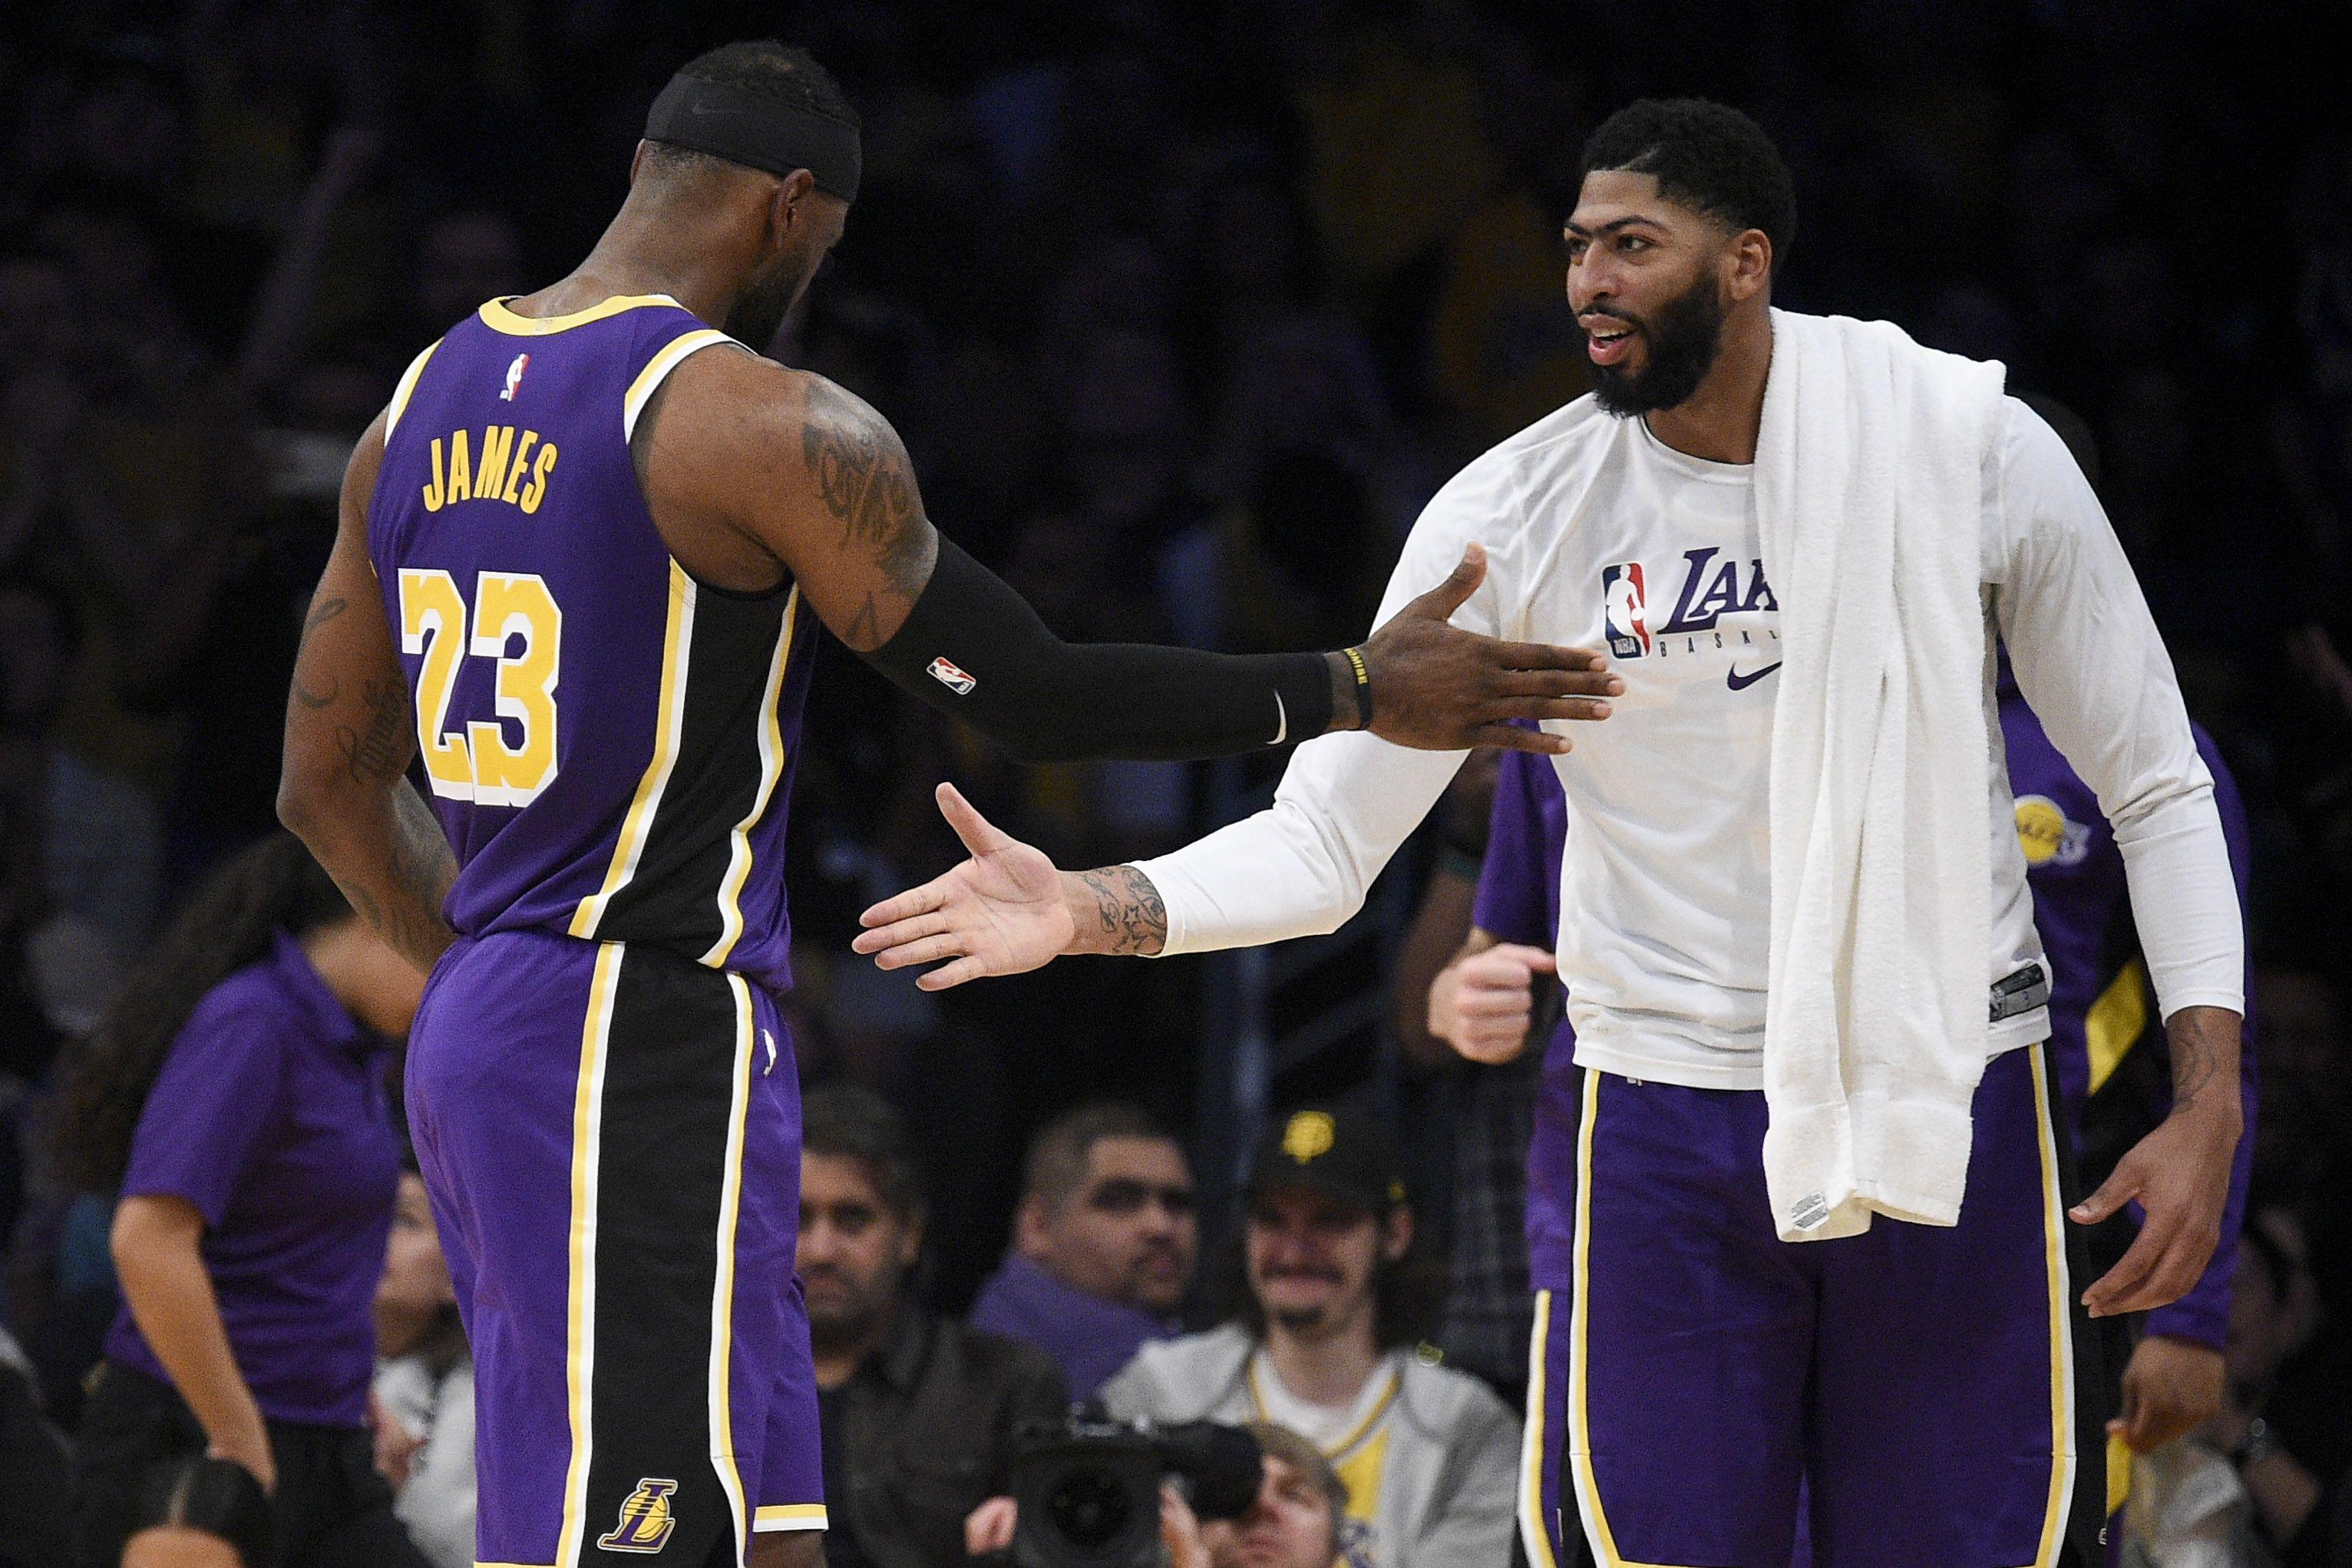 James y Davis estarán listos para enfrentarse a los Clippers